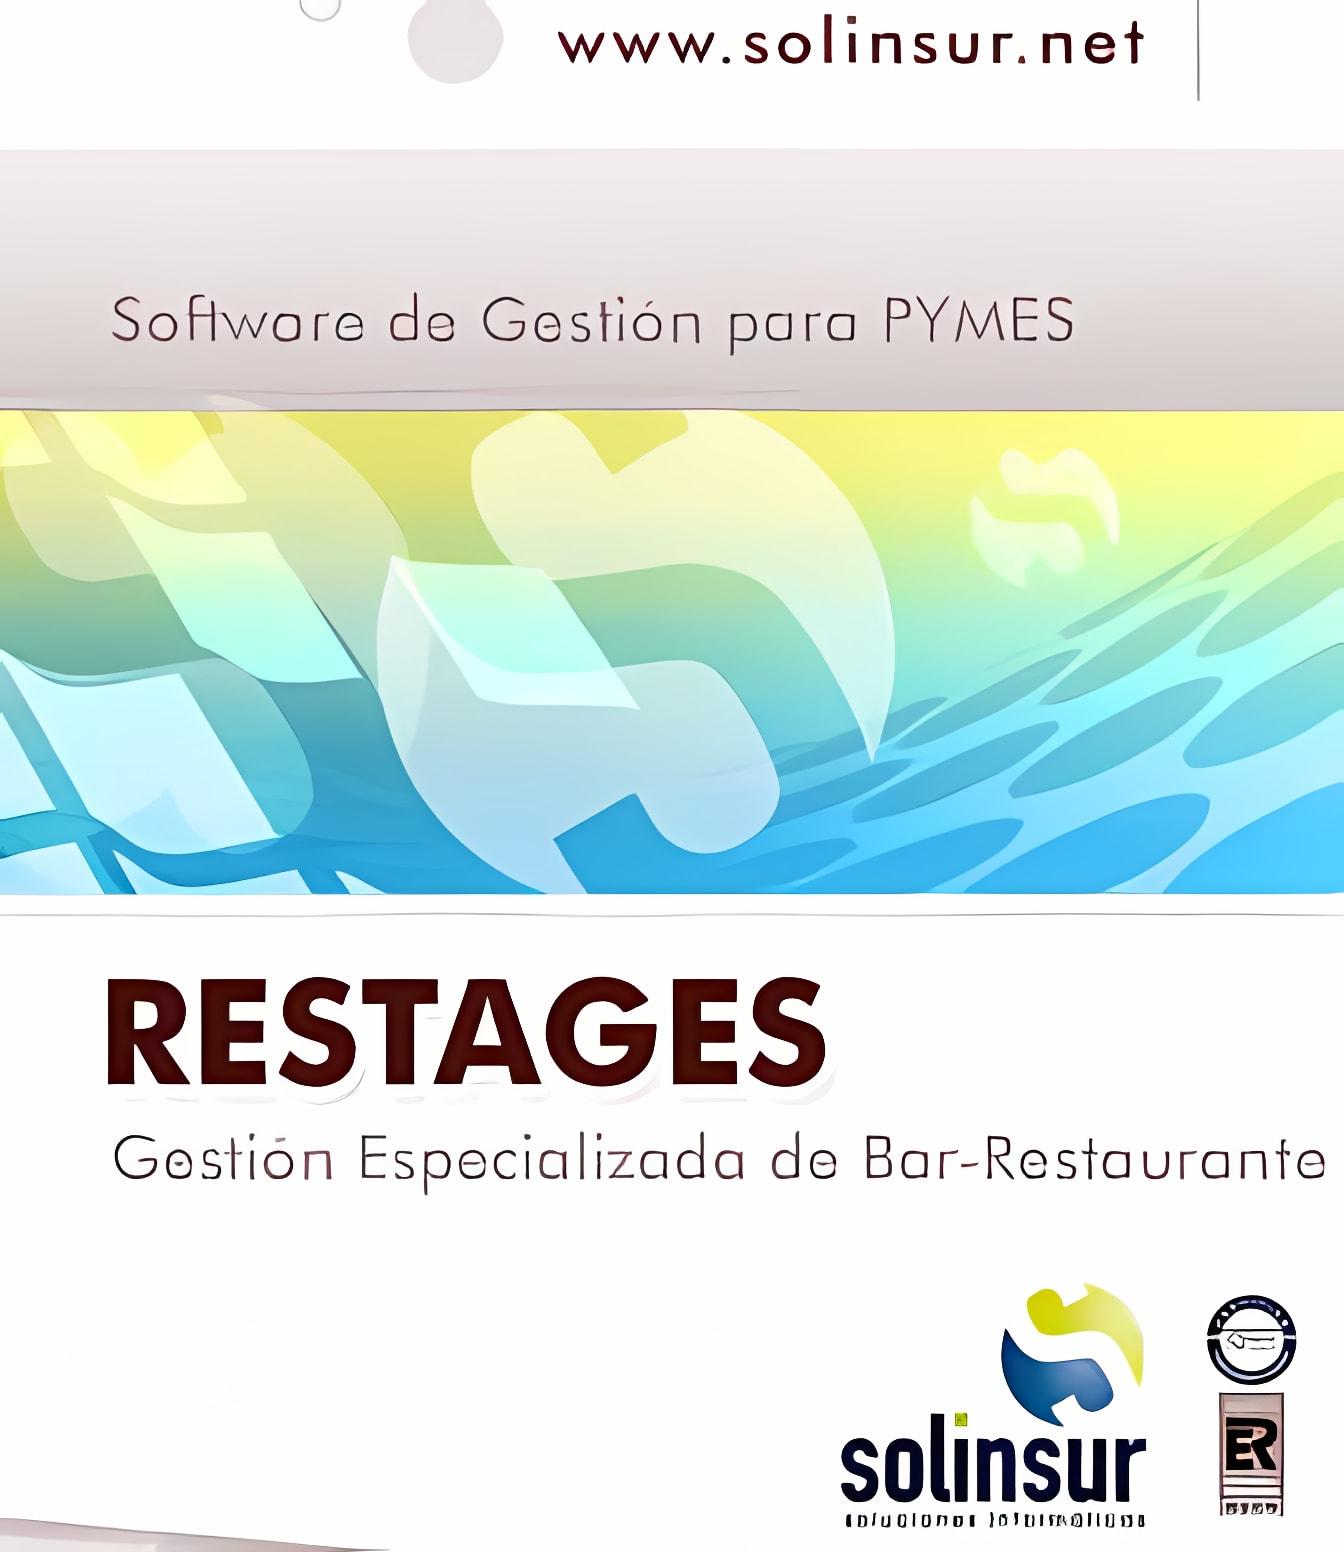 RESTAGES 2.8.0